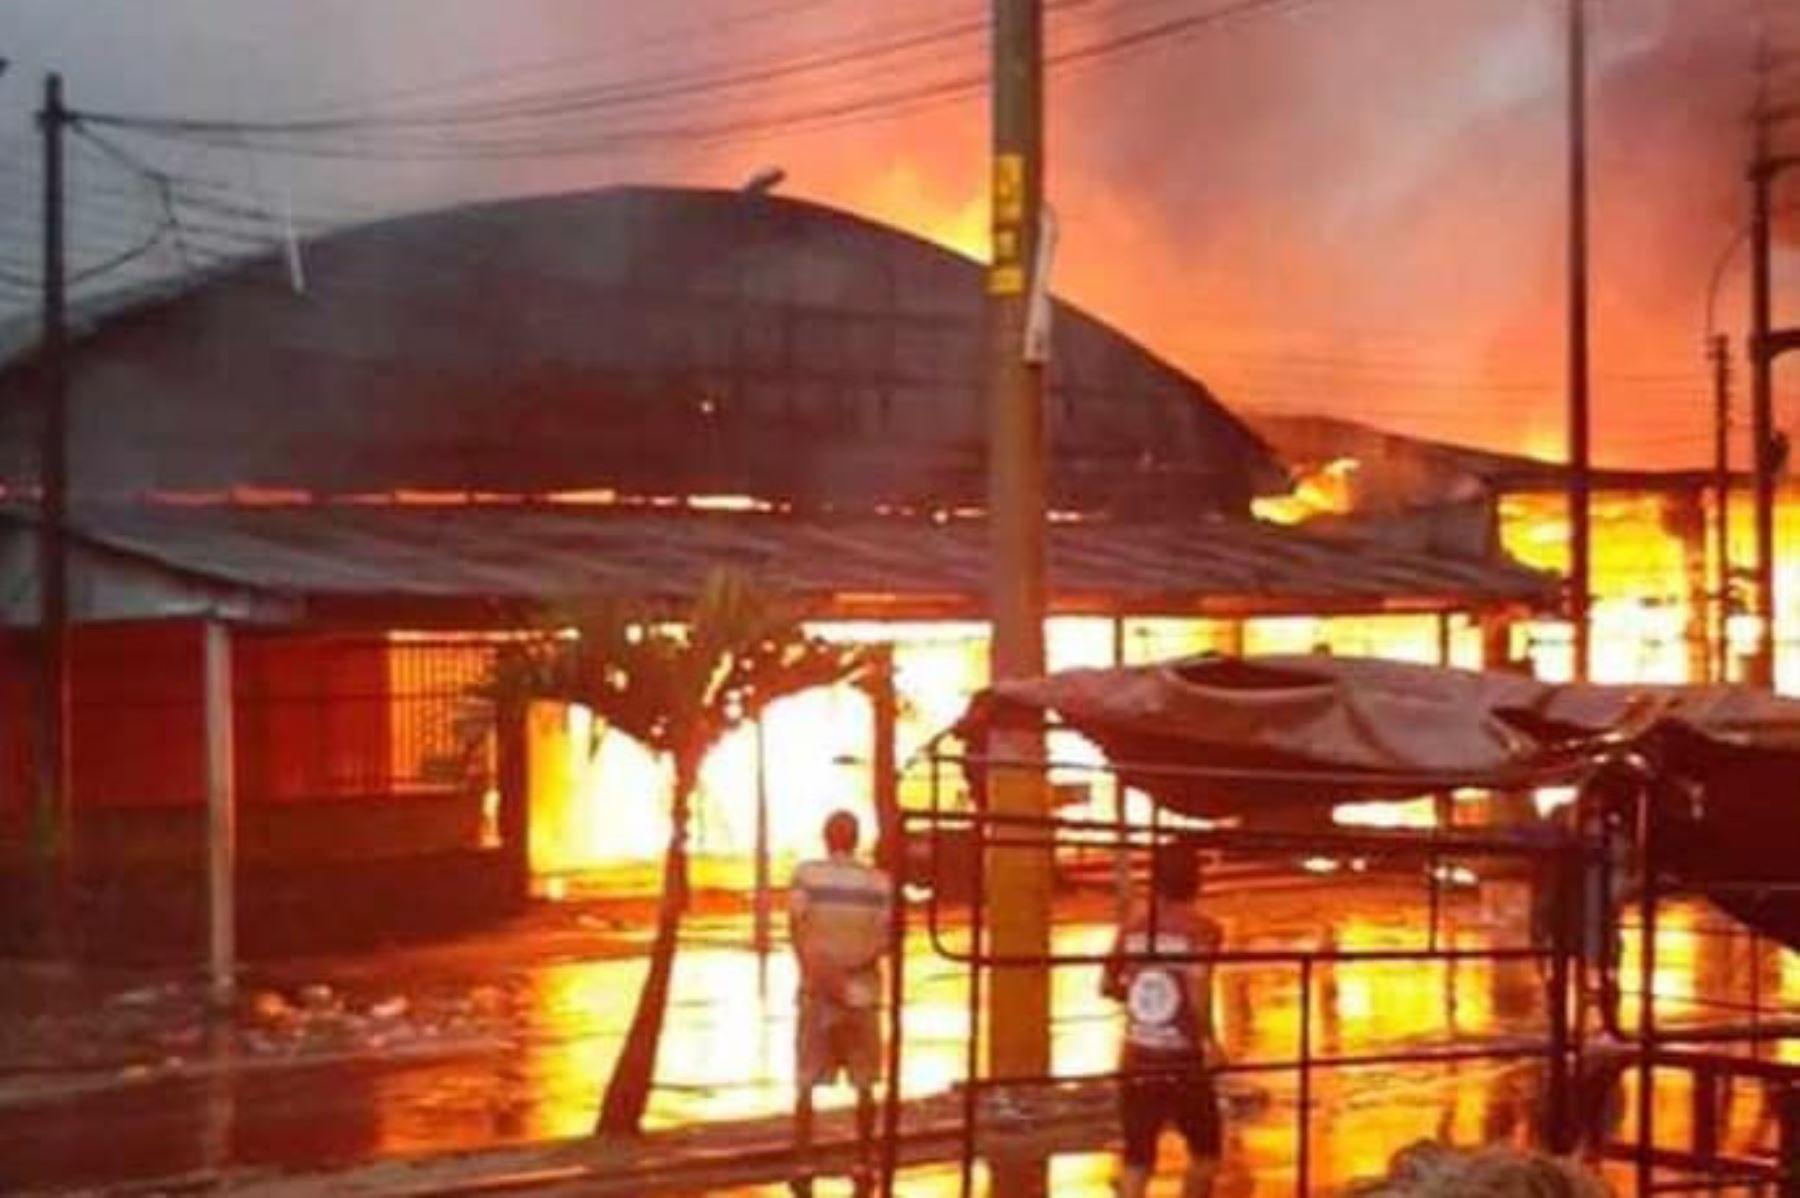 Incendio consume centro comercial en Iquitos. Foto: William García/Facebook